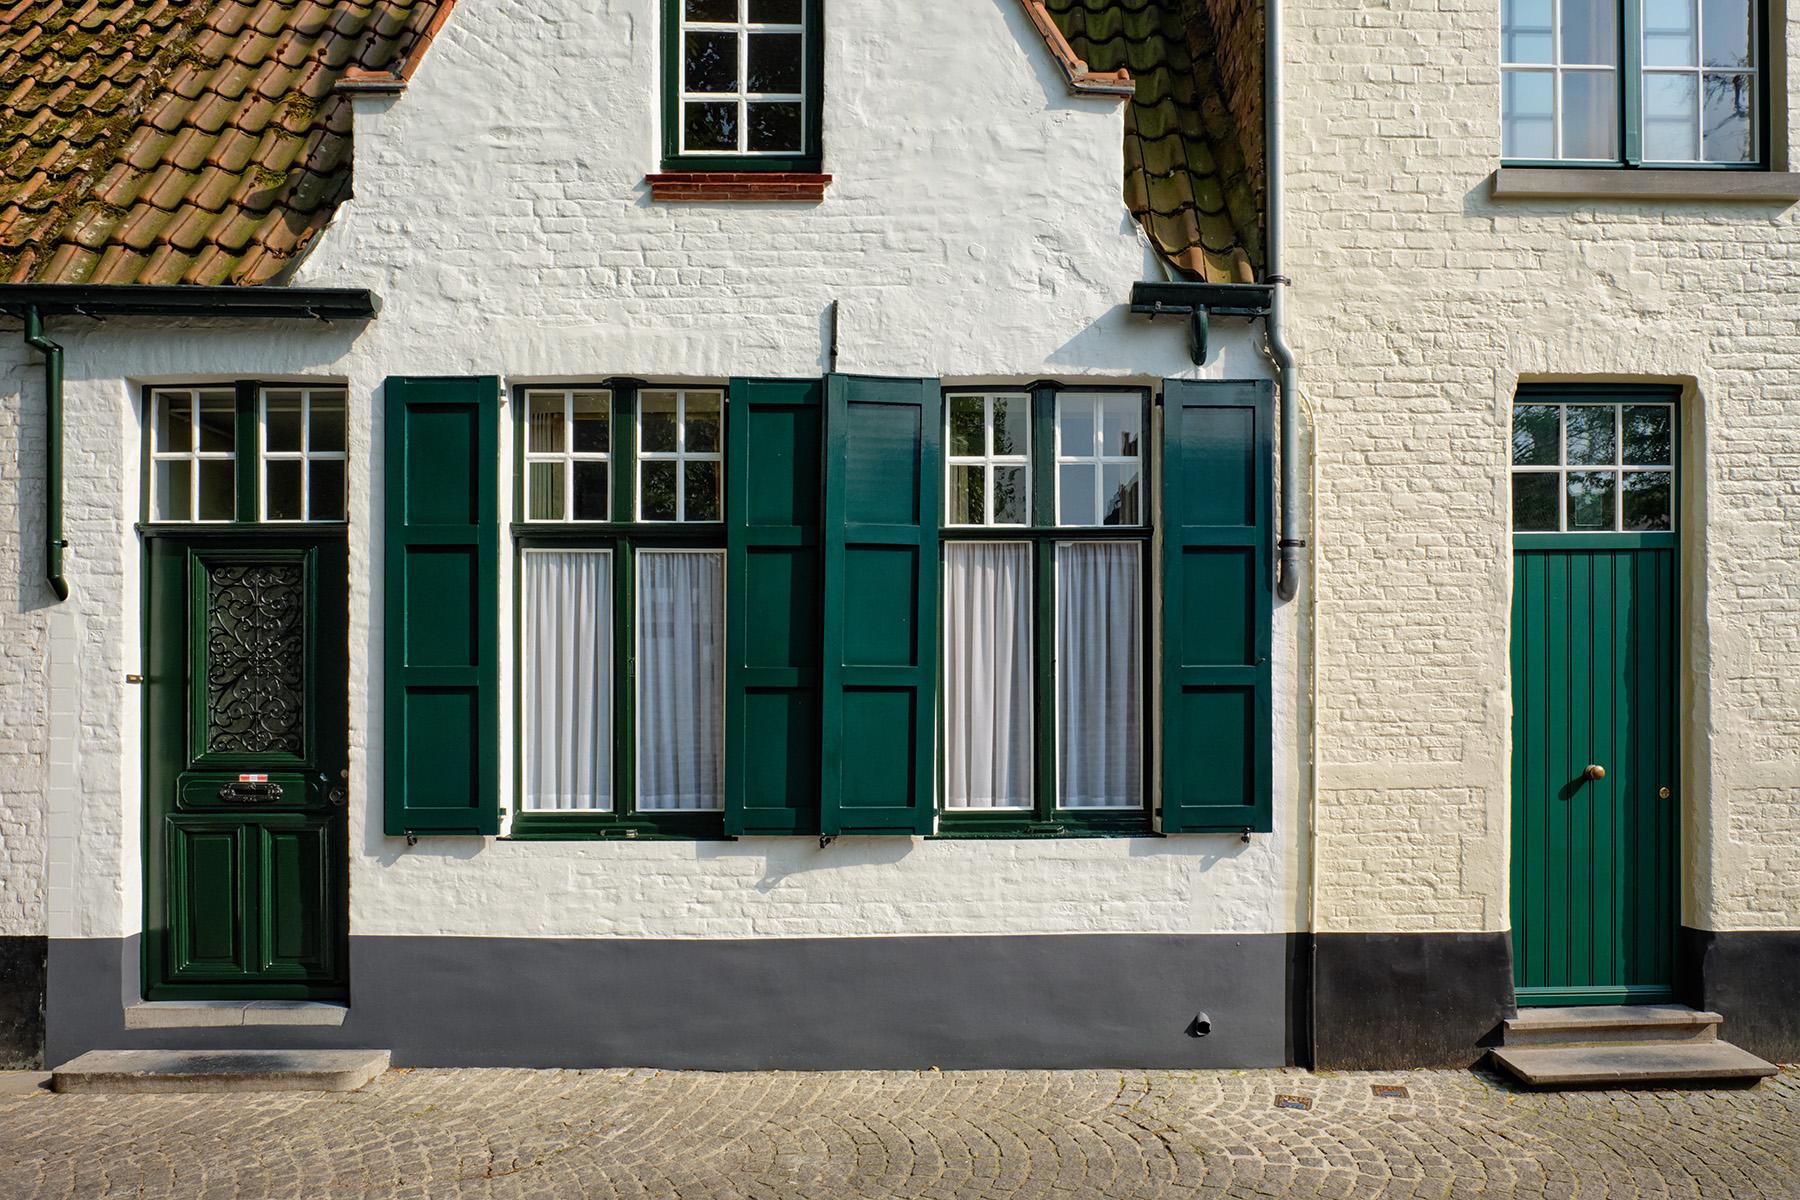 House façades in Bruges